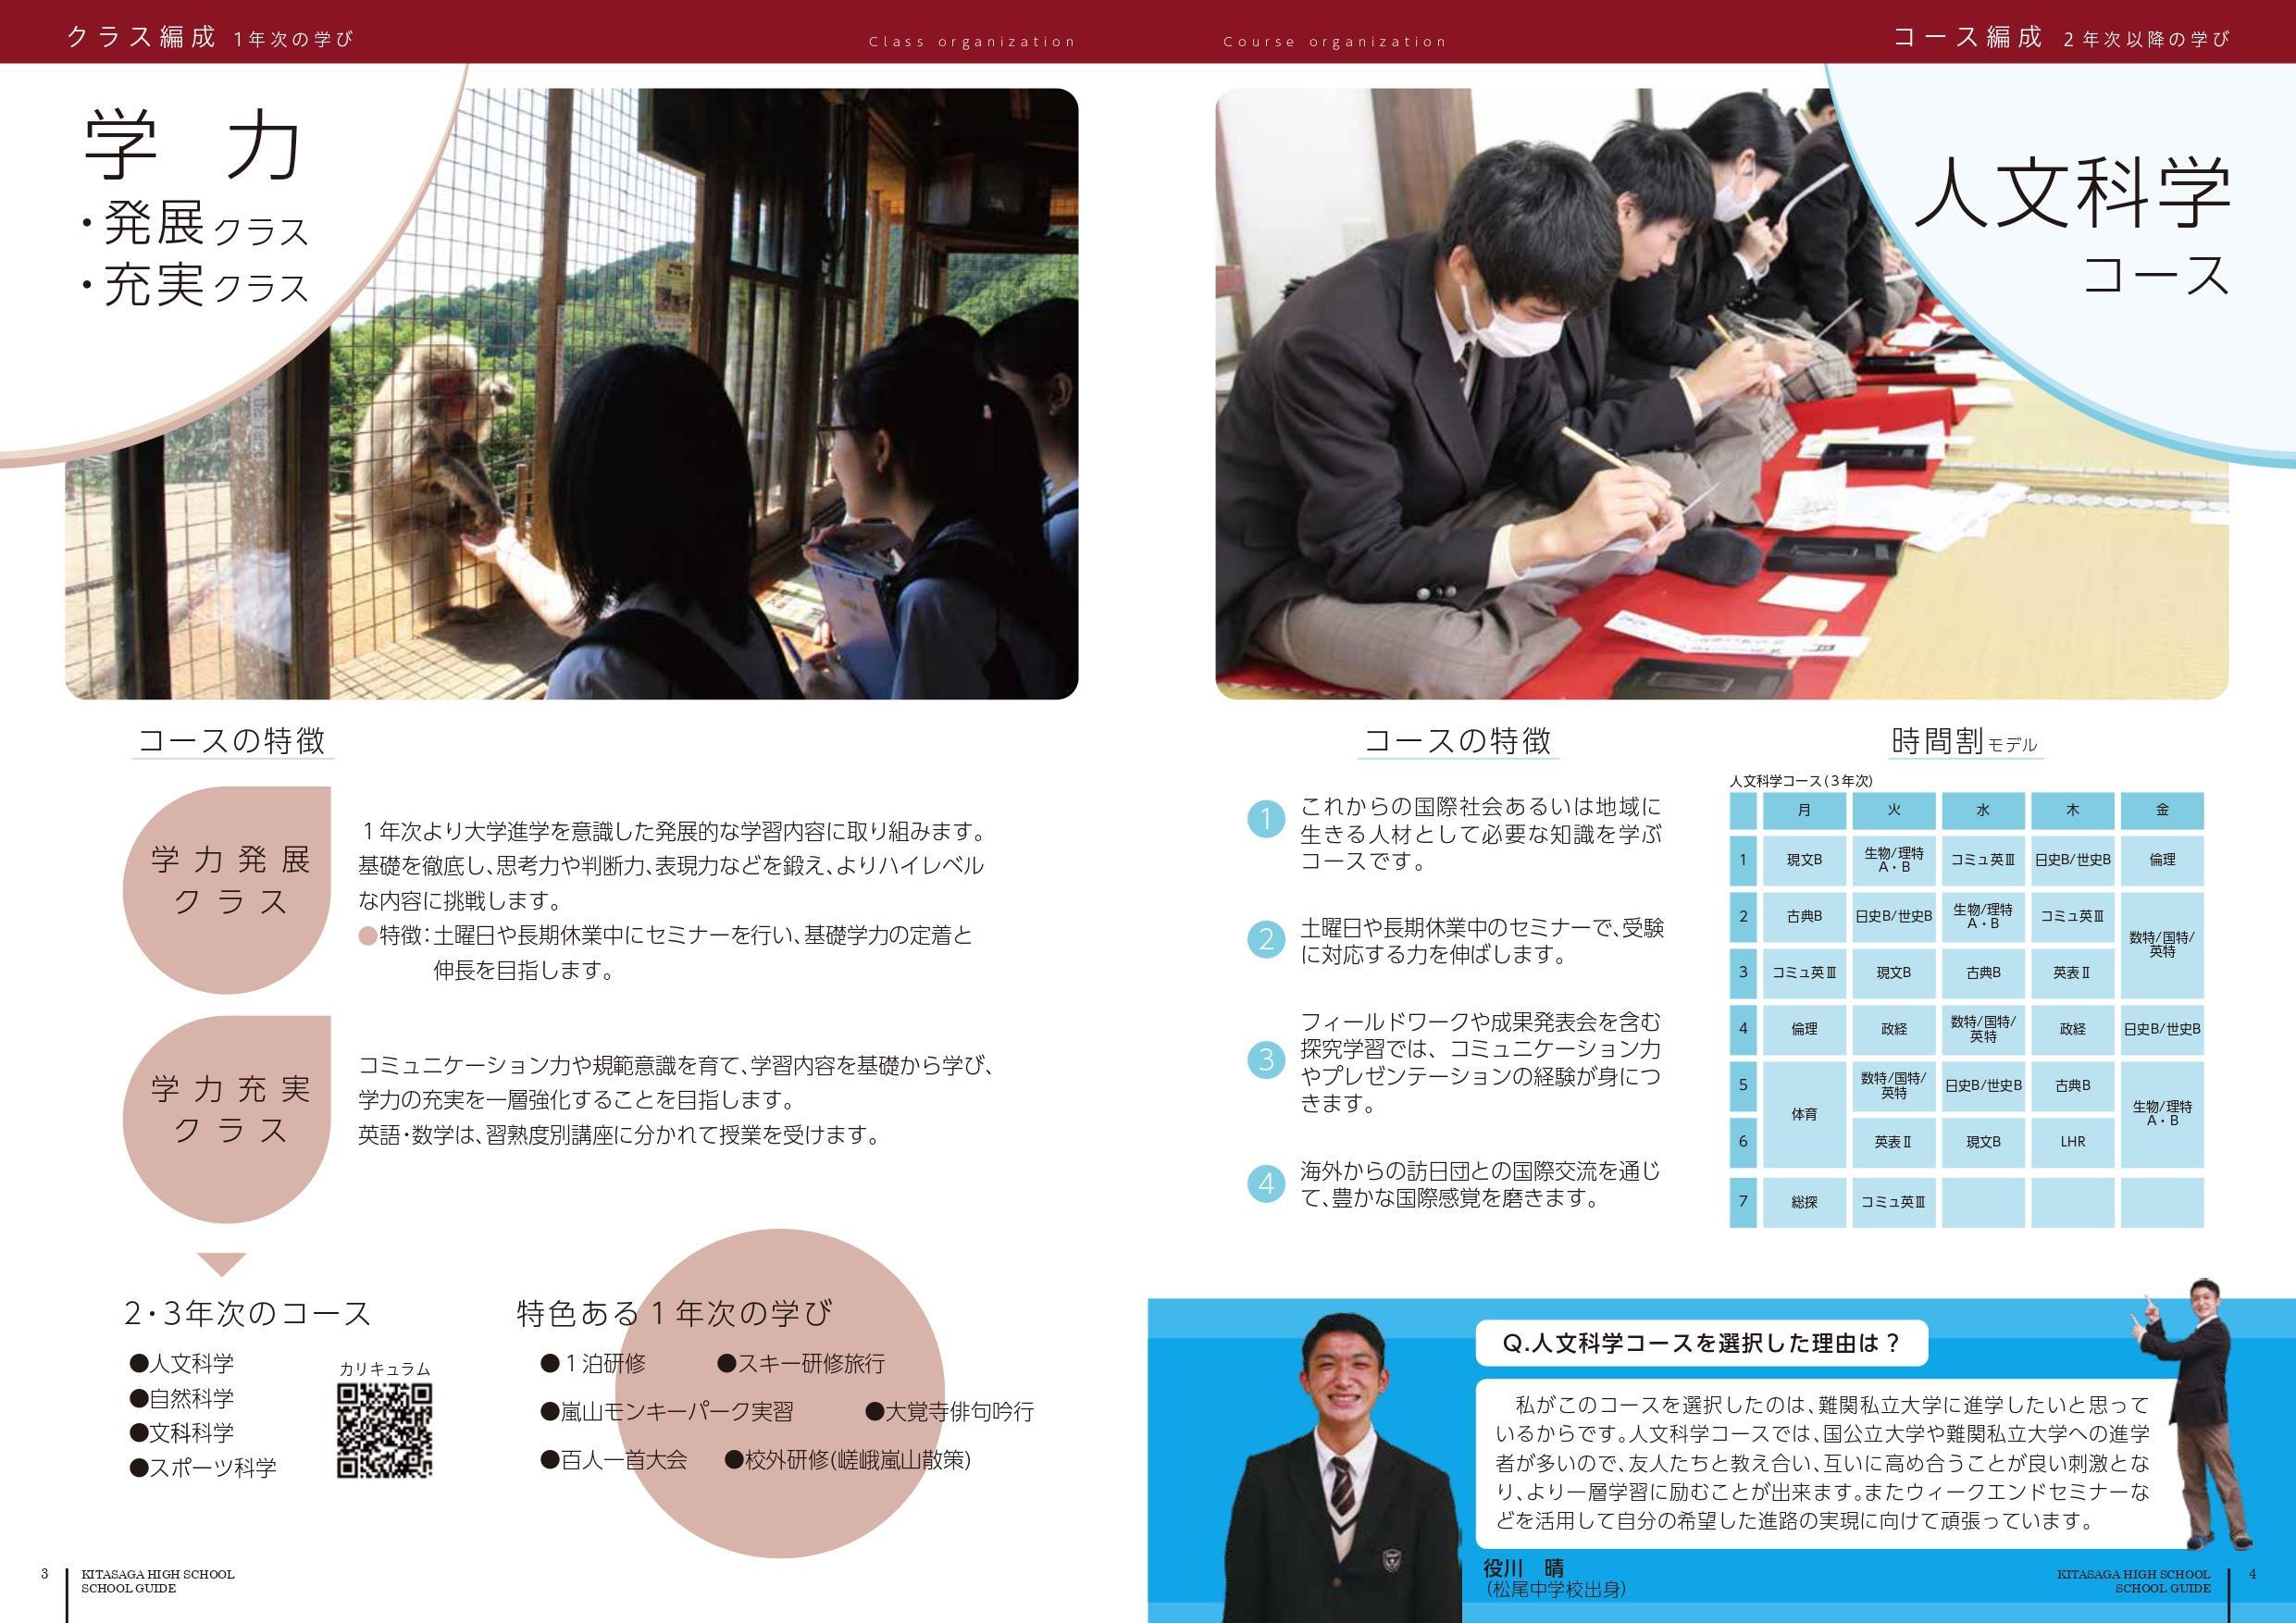 北嵯峨高校-スクールガイド2022-v6-2_page-0003.jpg